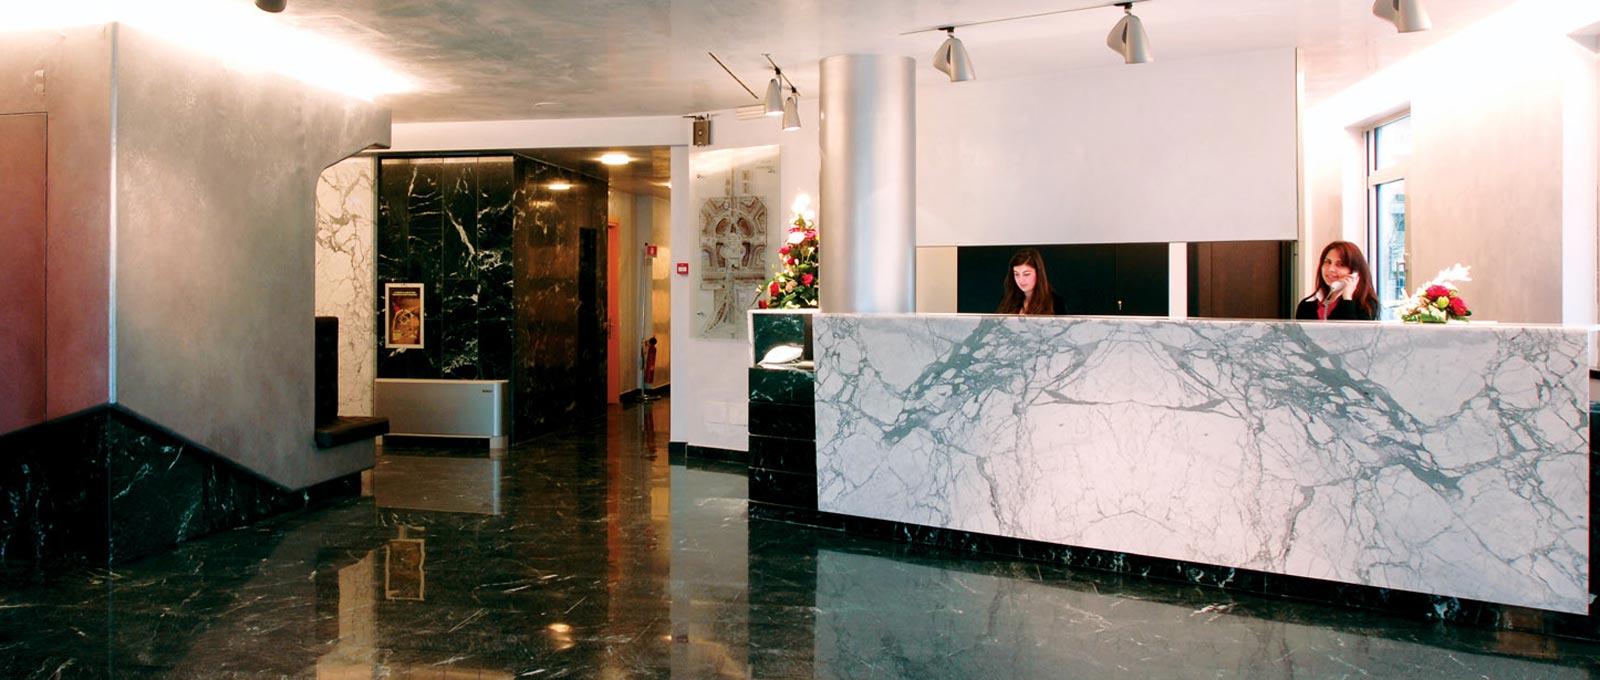 Victoria Terme Hotel Pacchetti